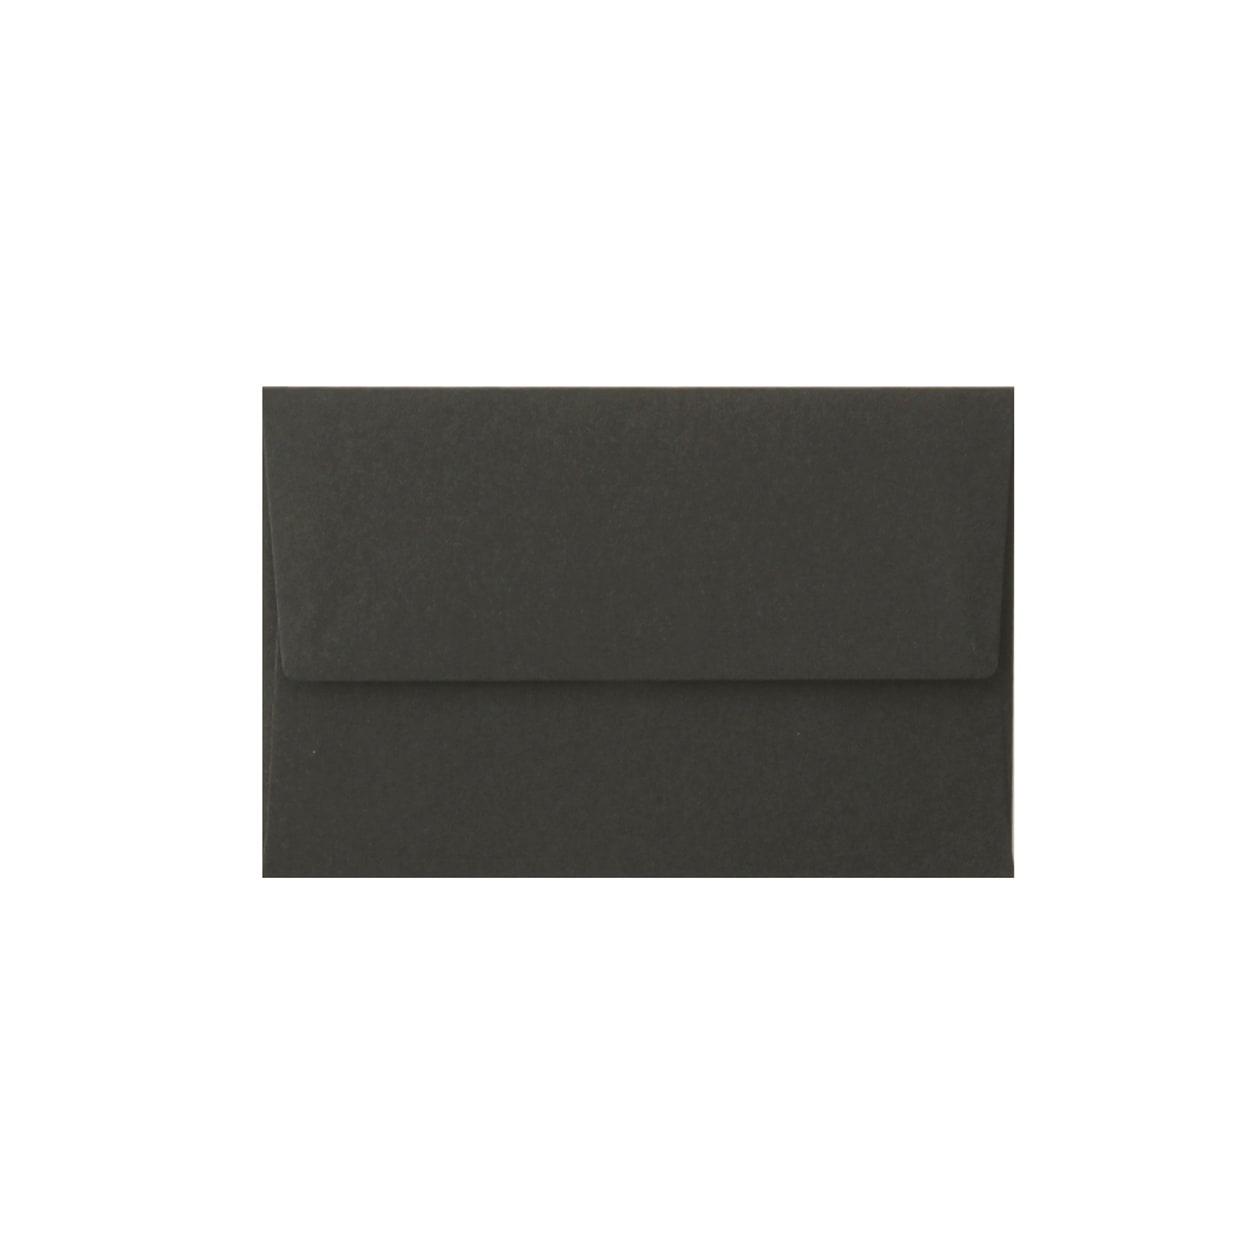 NEカマス封筒 コットン(NTラシャ) 黒 116.3g